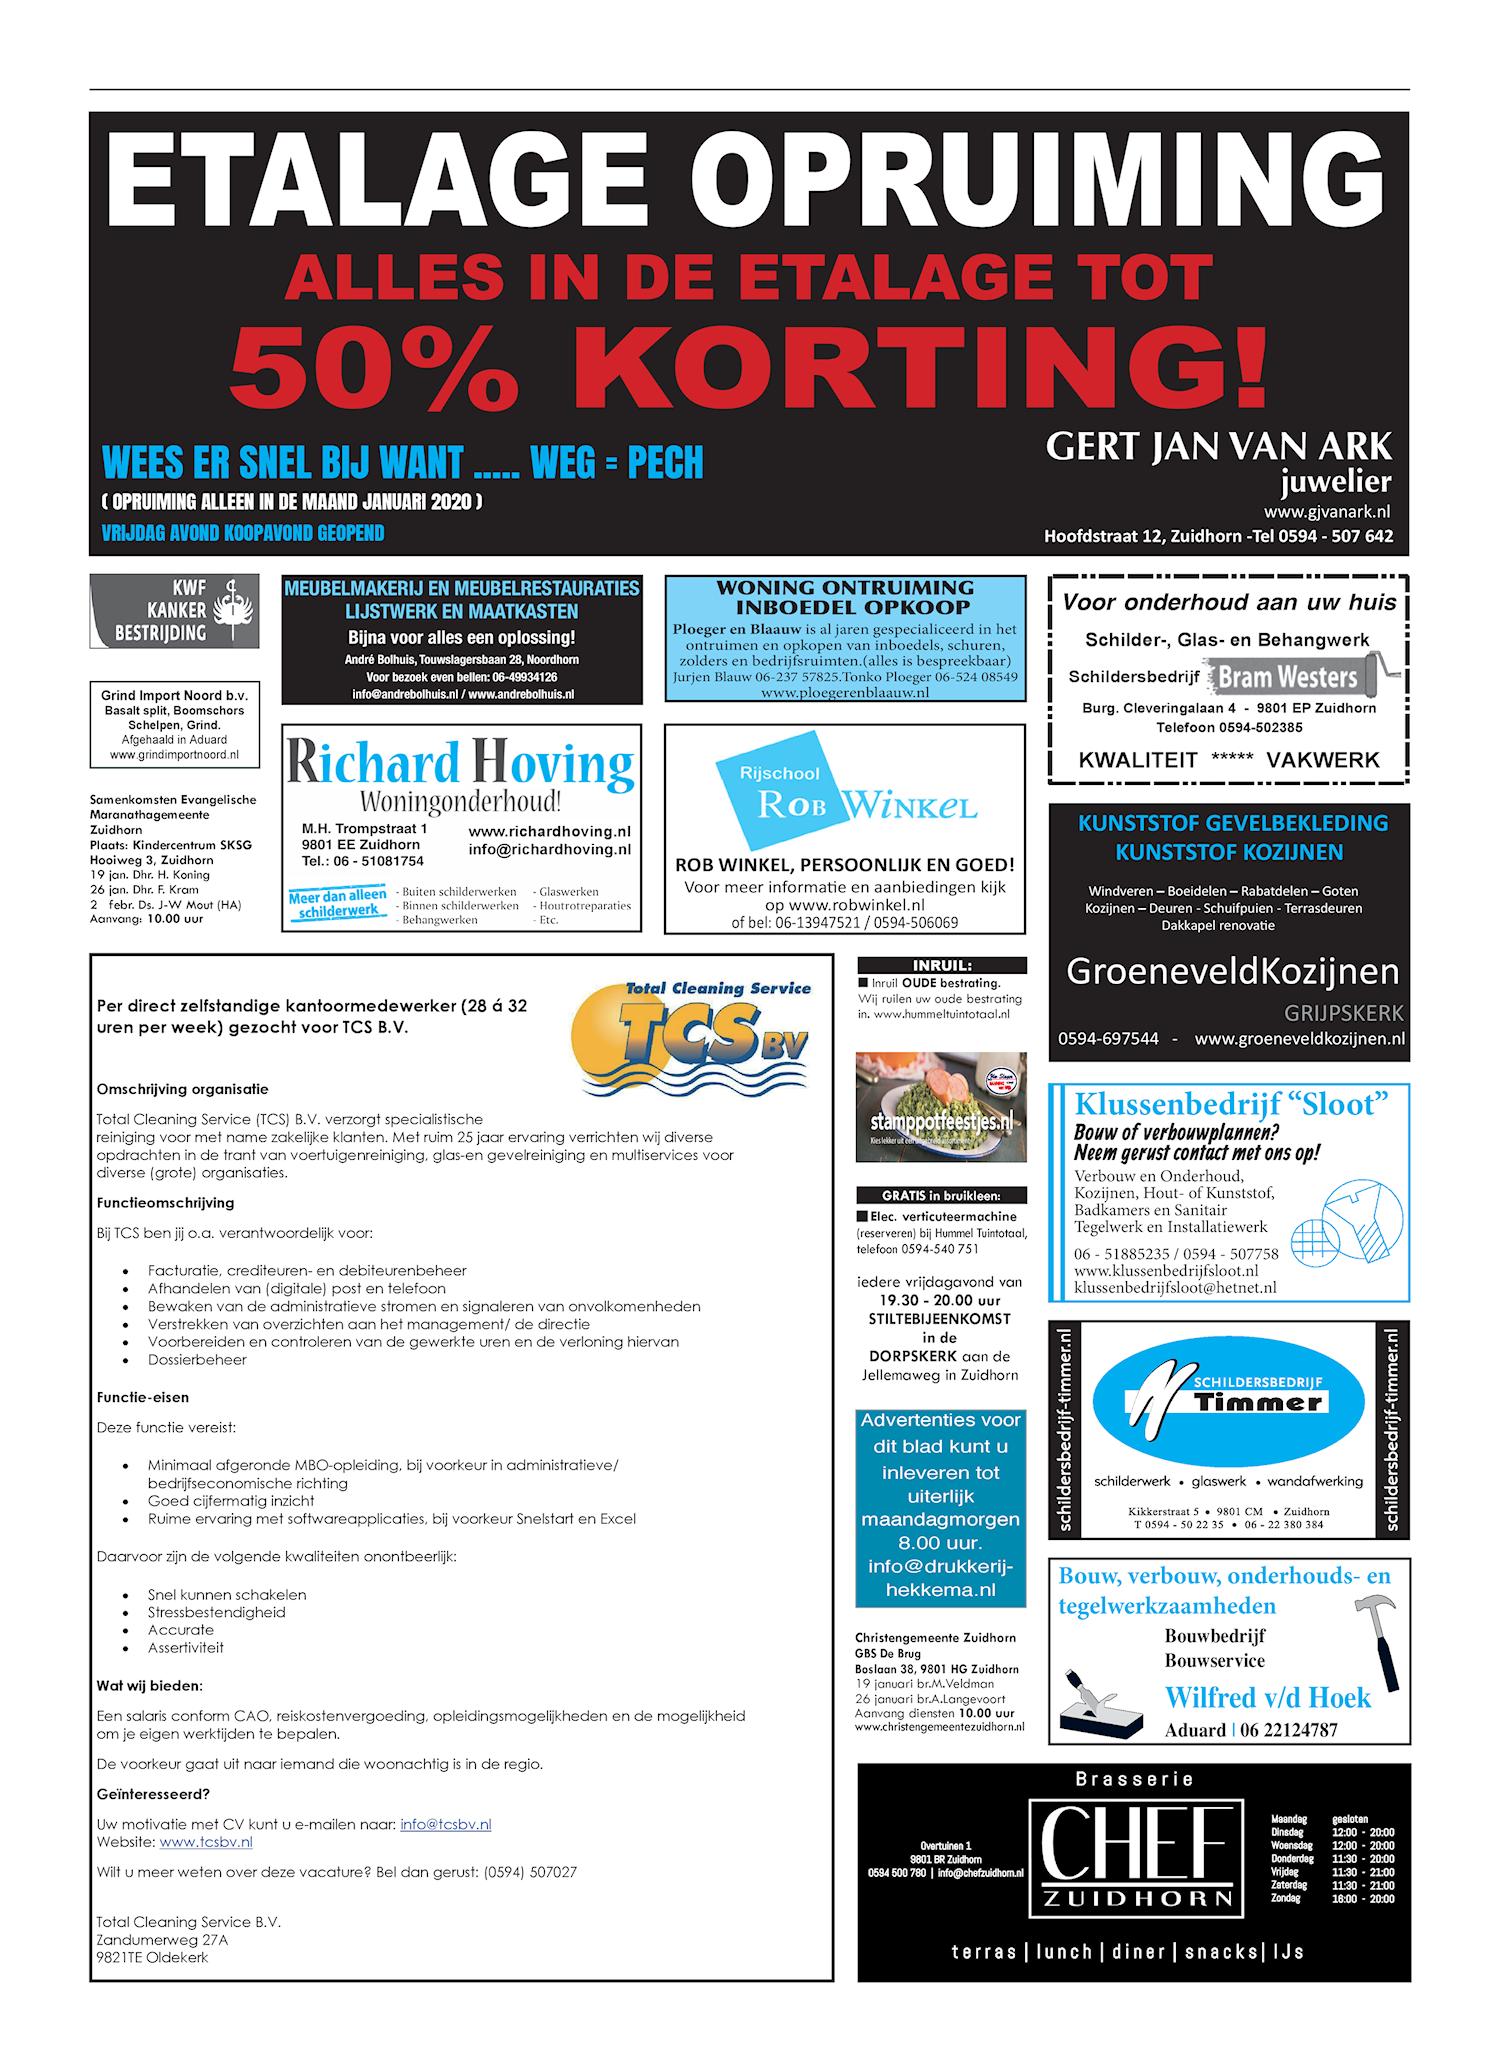 Drukkerij Hekkema - Zuidhorn - Zaken die uw aandacht vragen 2020 week 3